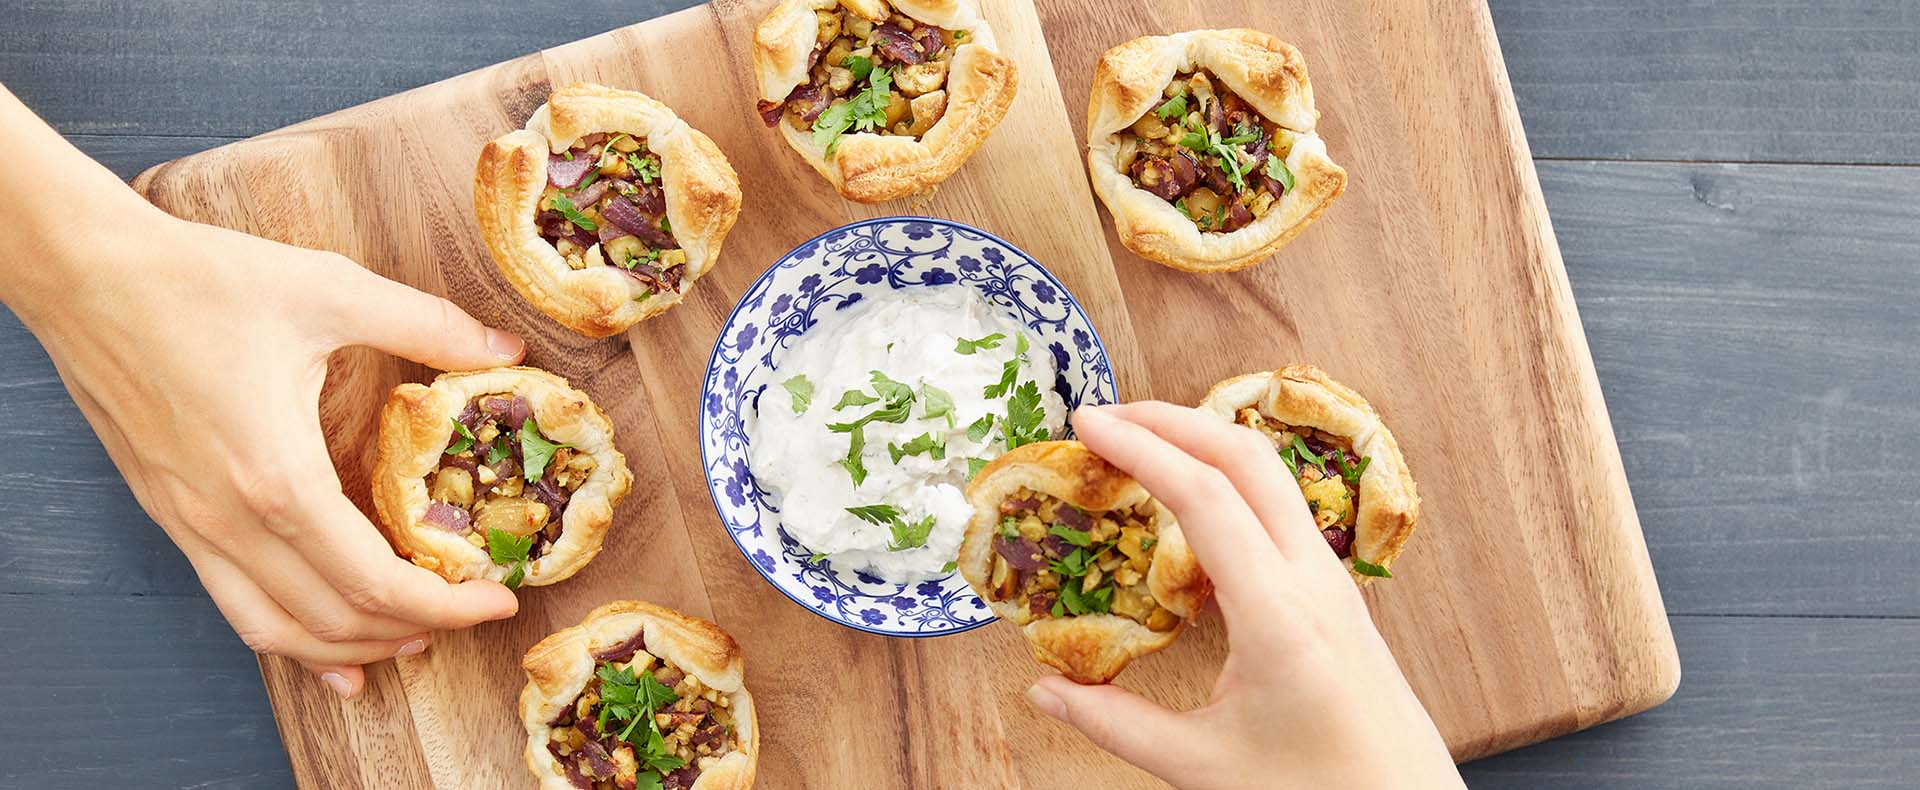 Rezept Vegane Blätterteig-Muffins mit Maroni Tante Fanny